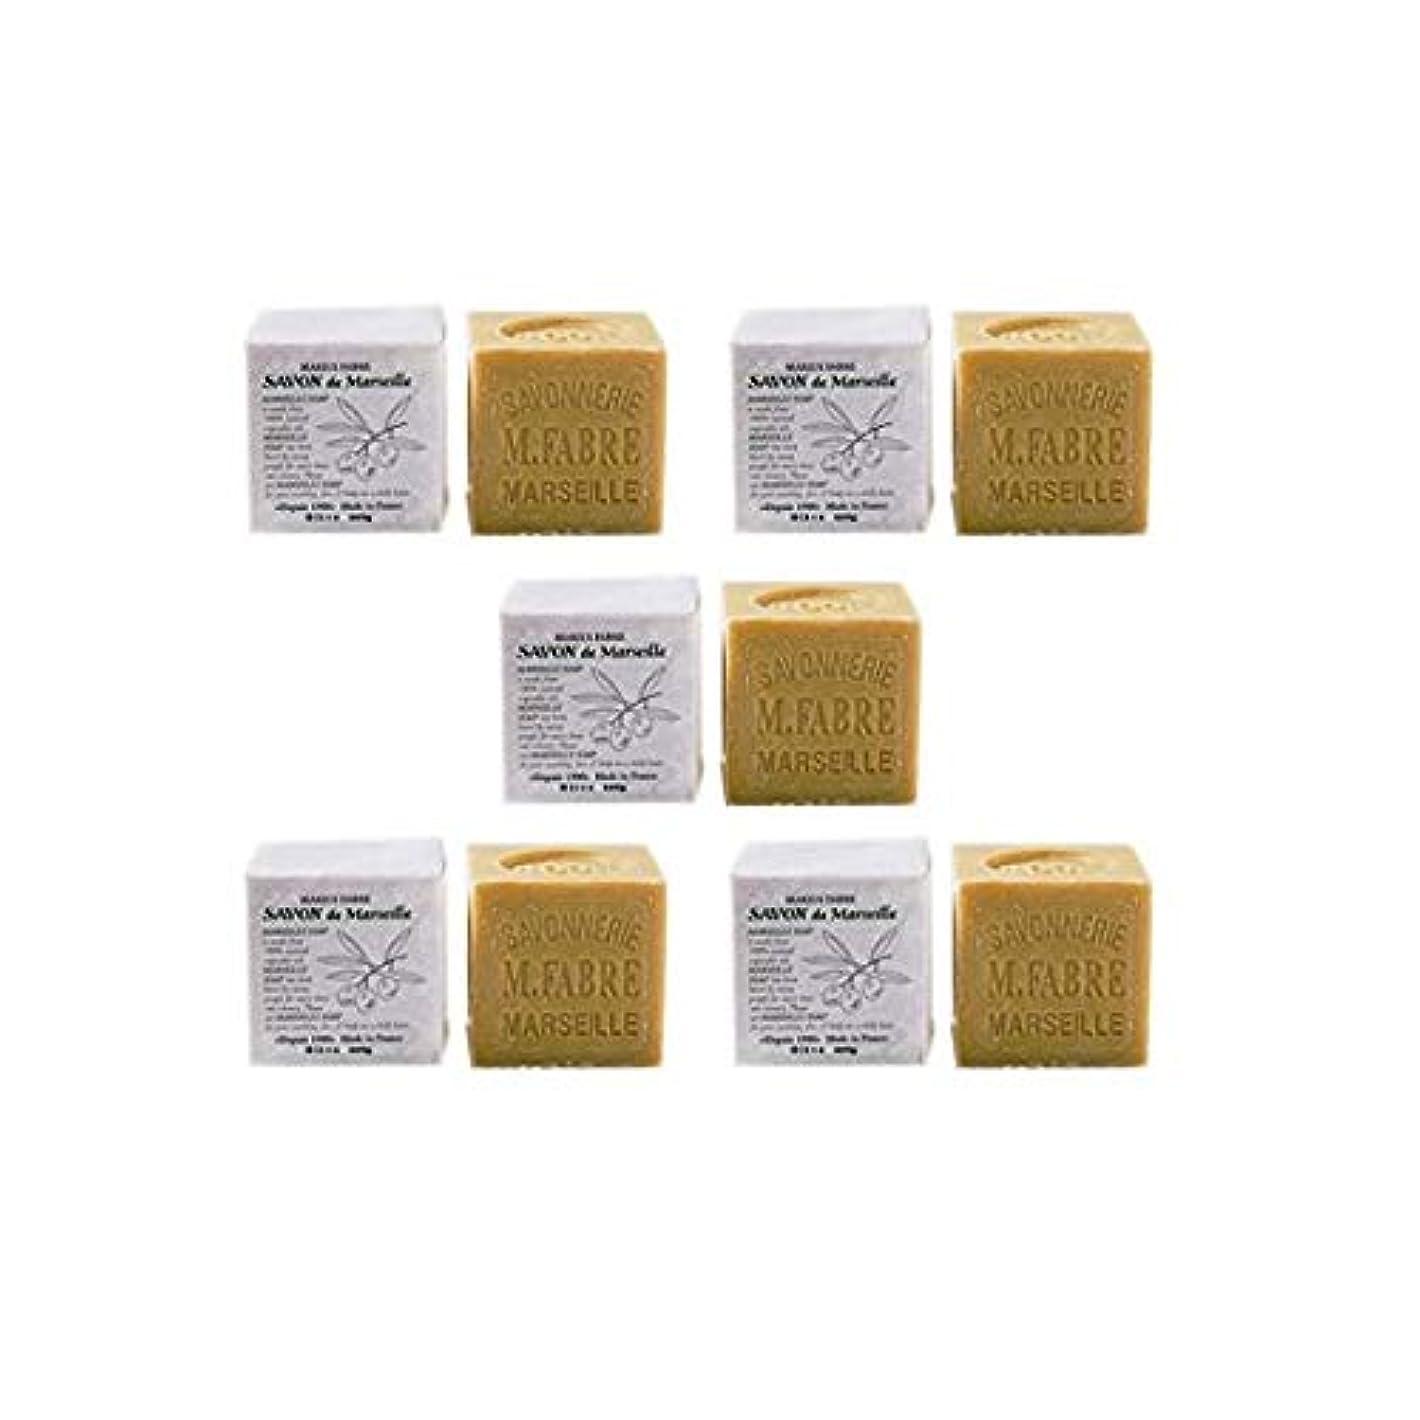 雑多なもう一度台風マリウスファーブルジューン社 サボンドマルセイユ無香料200gオリーブN 5個セット(200g×5個)無添加オリーブ石鹸